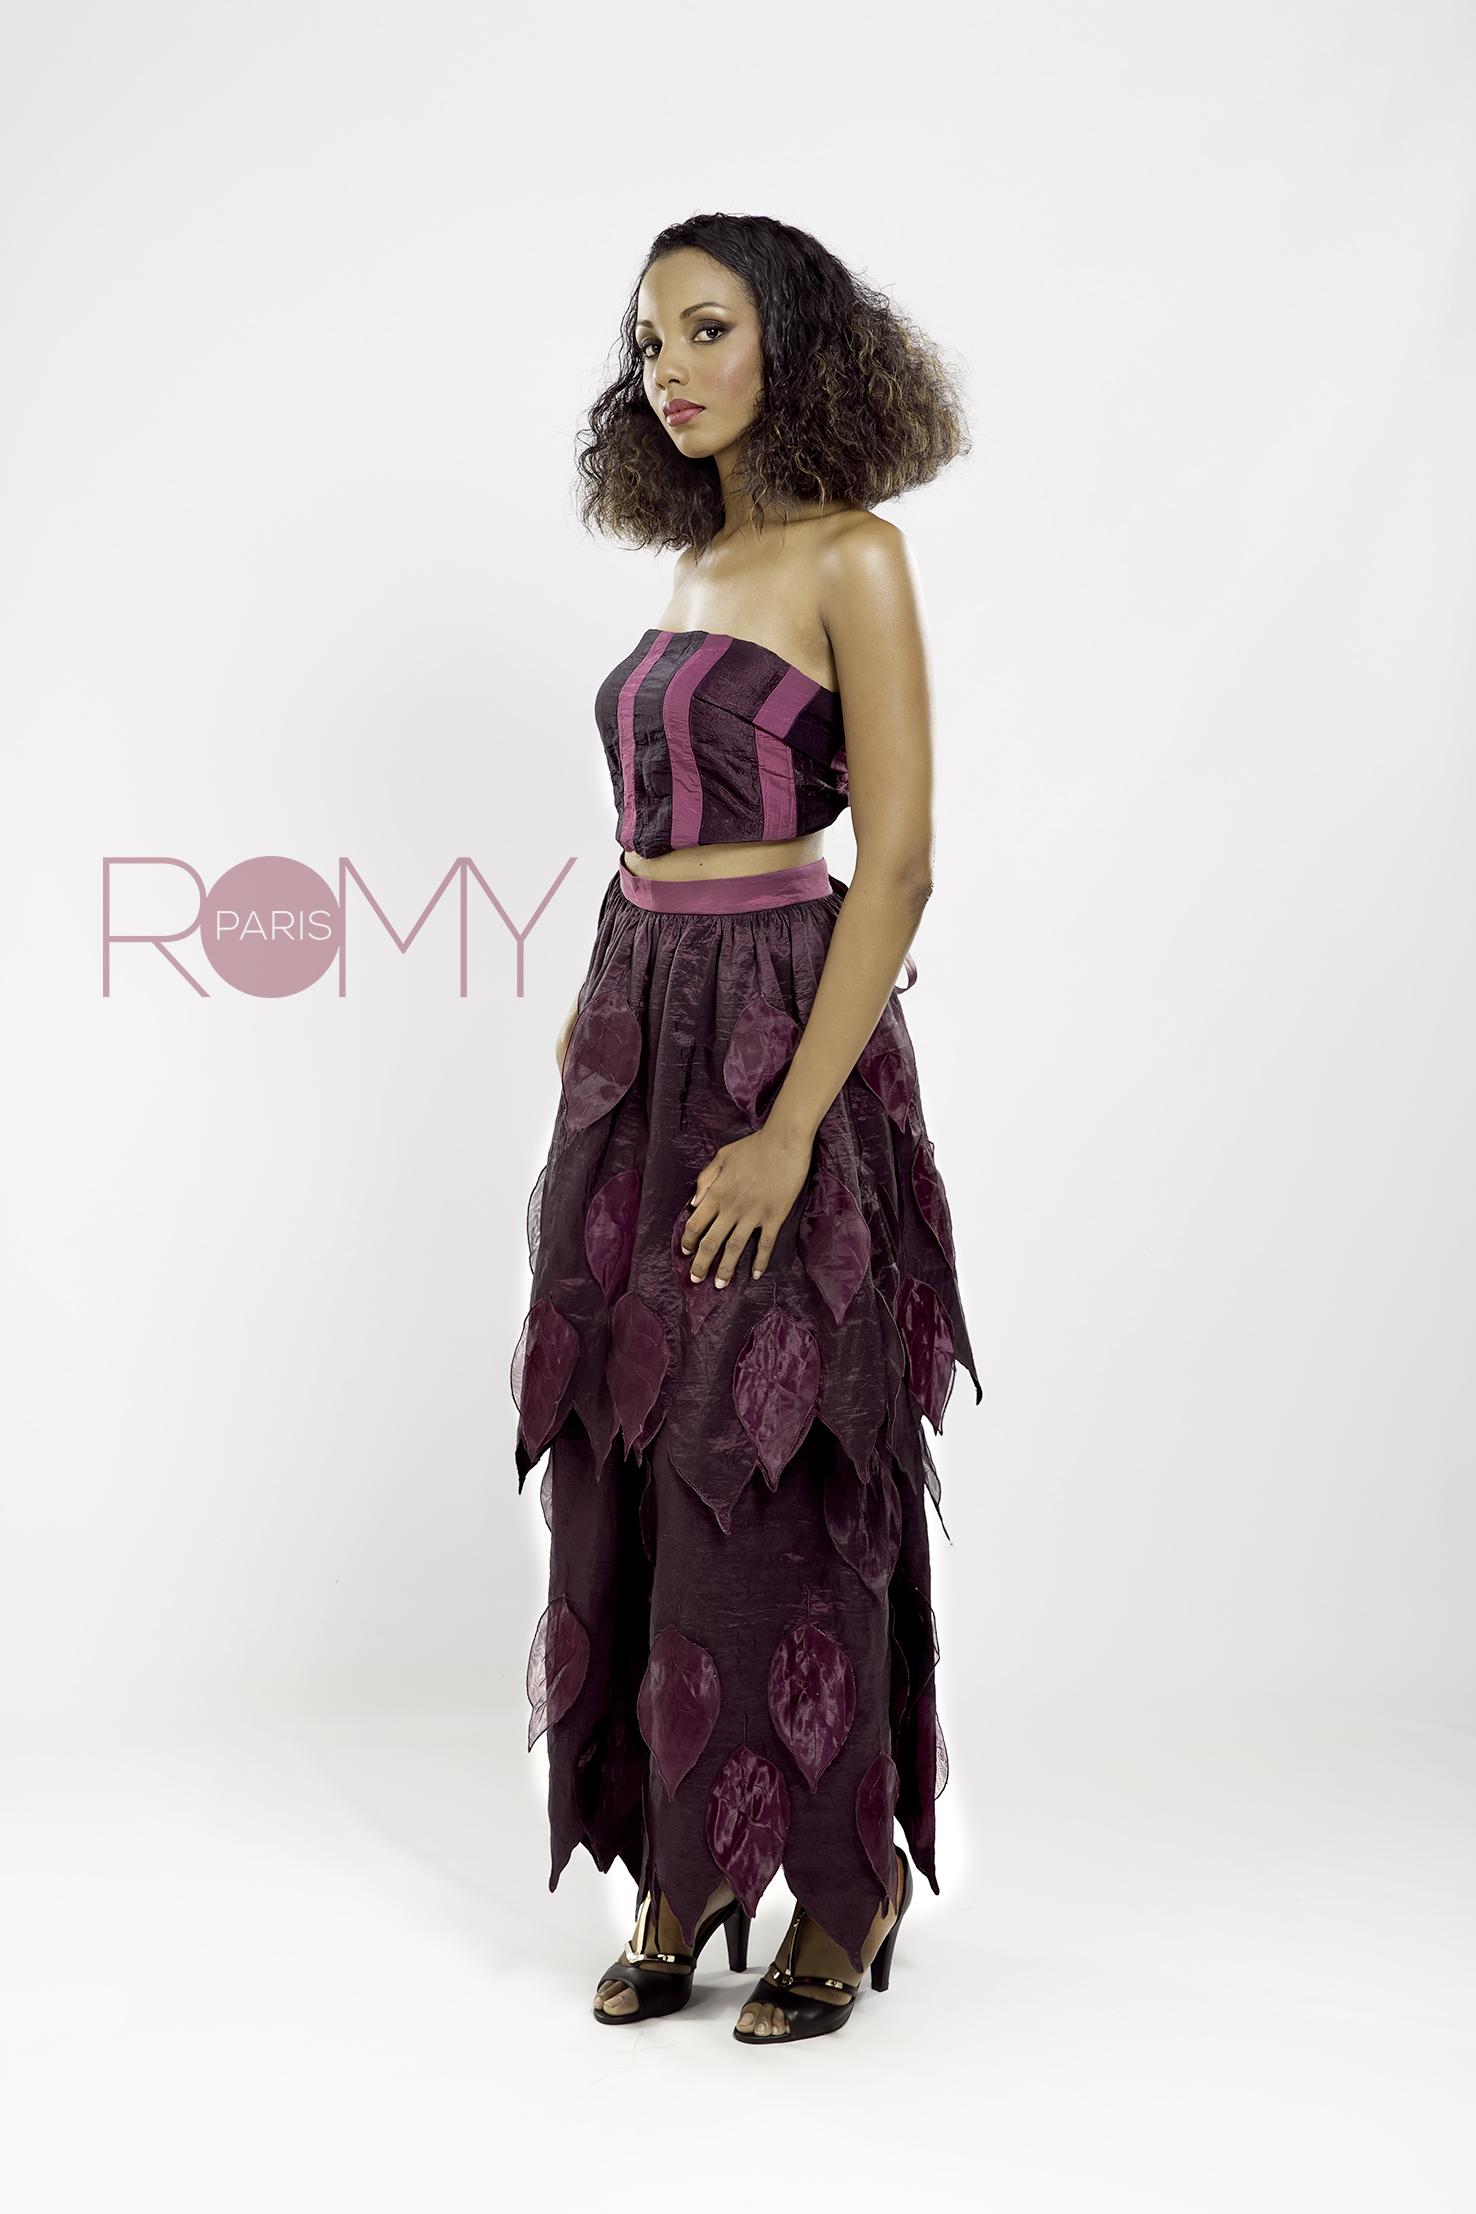 ROMY-2014-5D3_7954